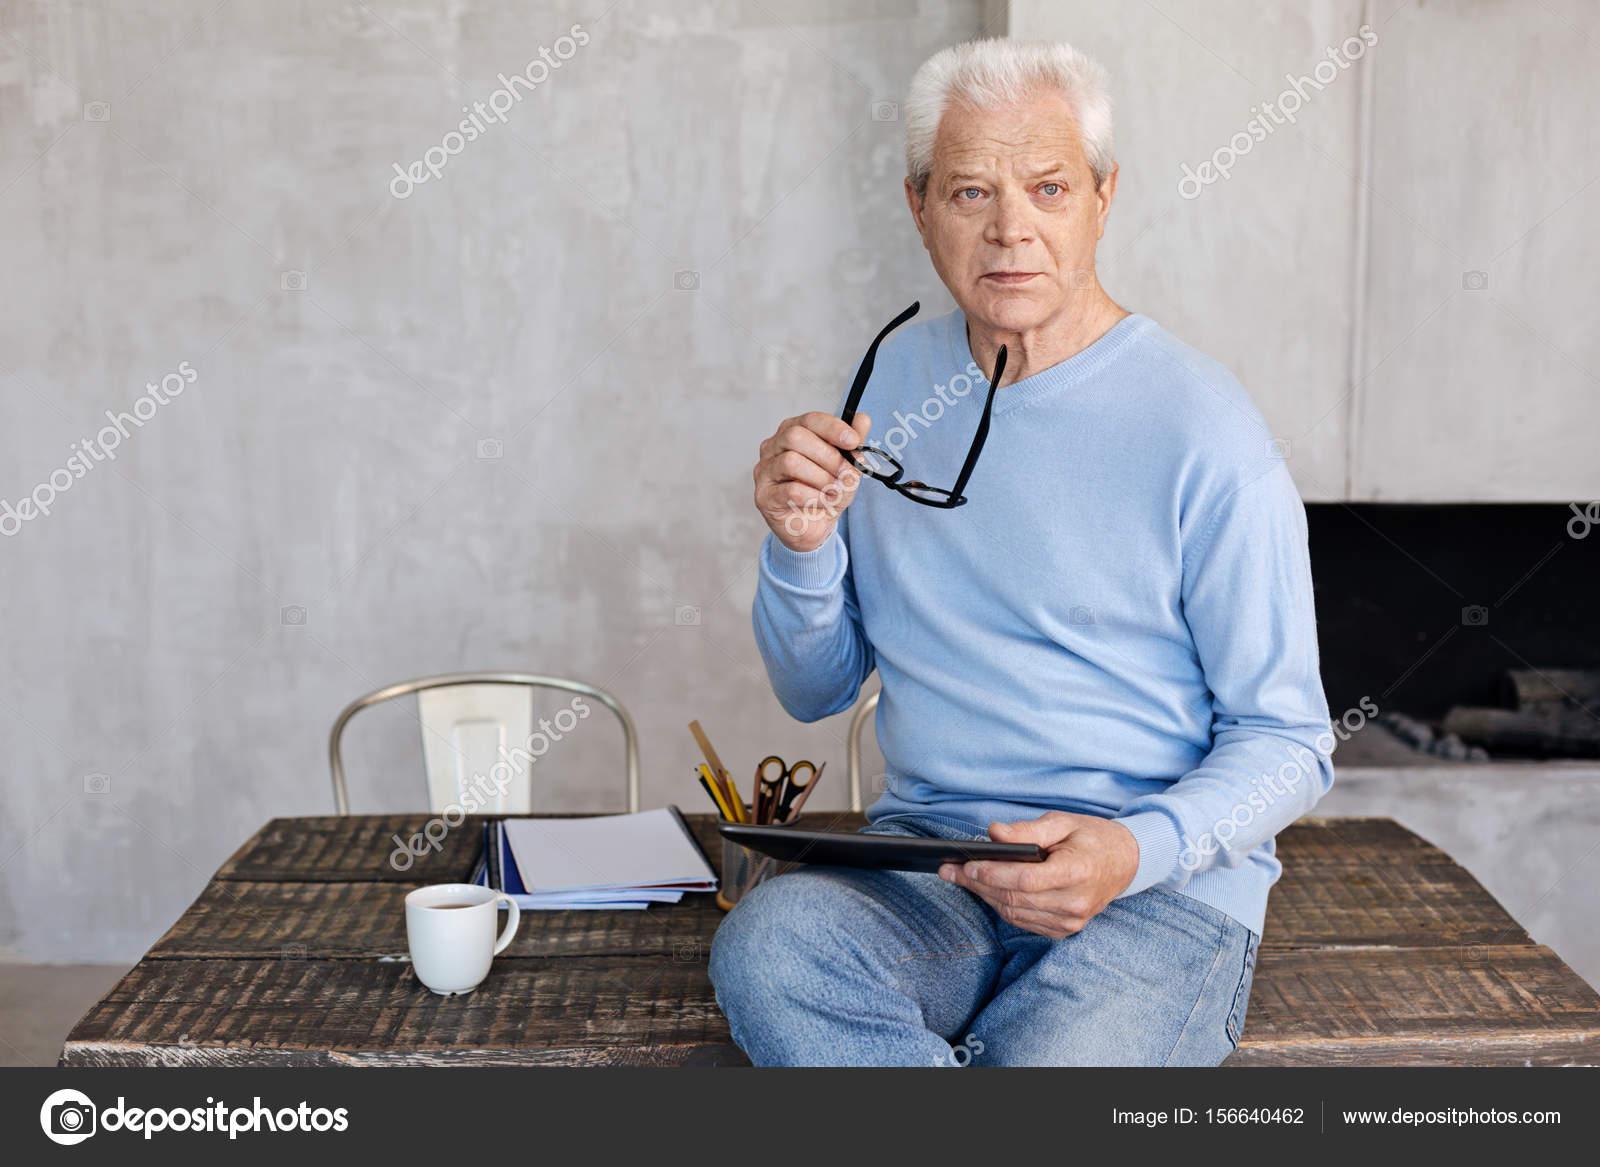 Ufficio Elegante Vita : Elegante uomo maturo che lavora nel suo ufficio a casa u2014 foto stock